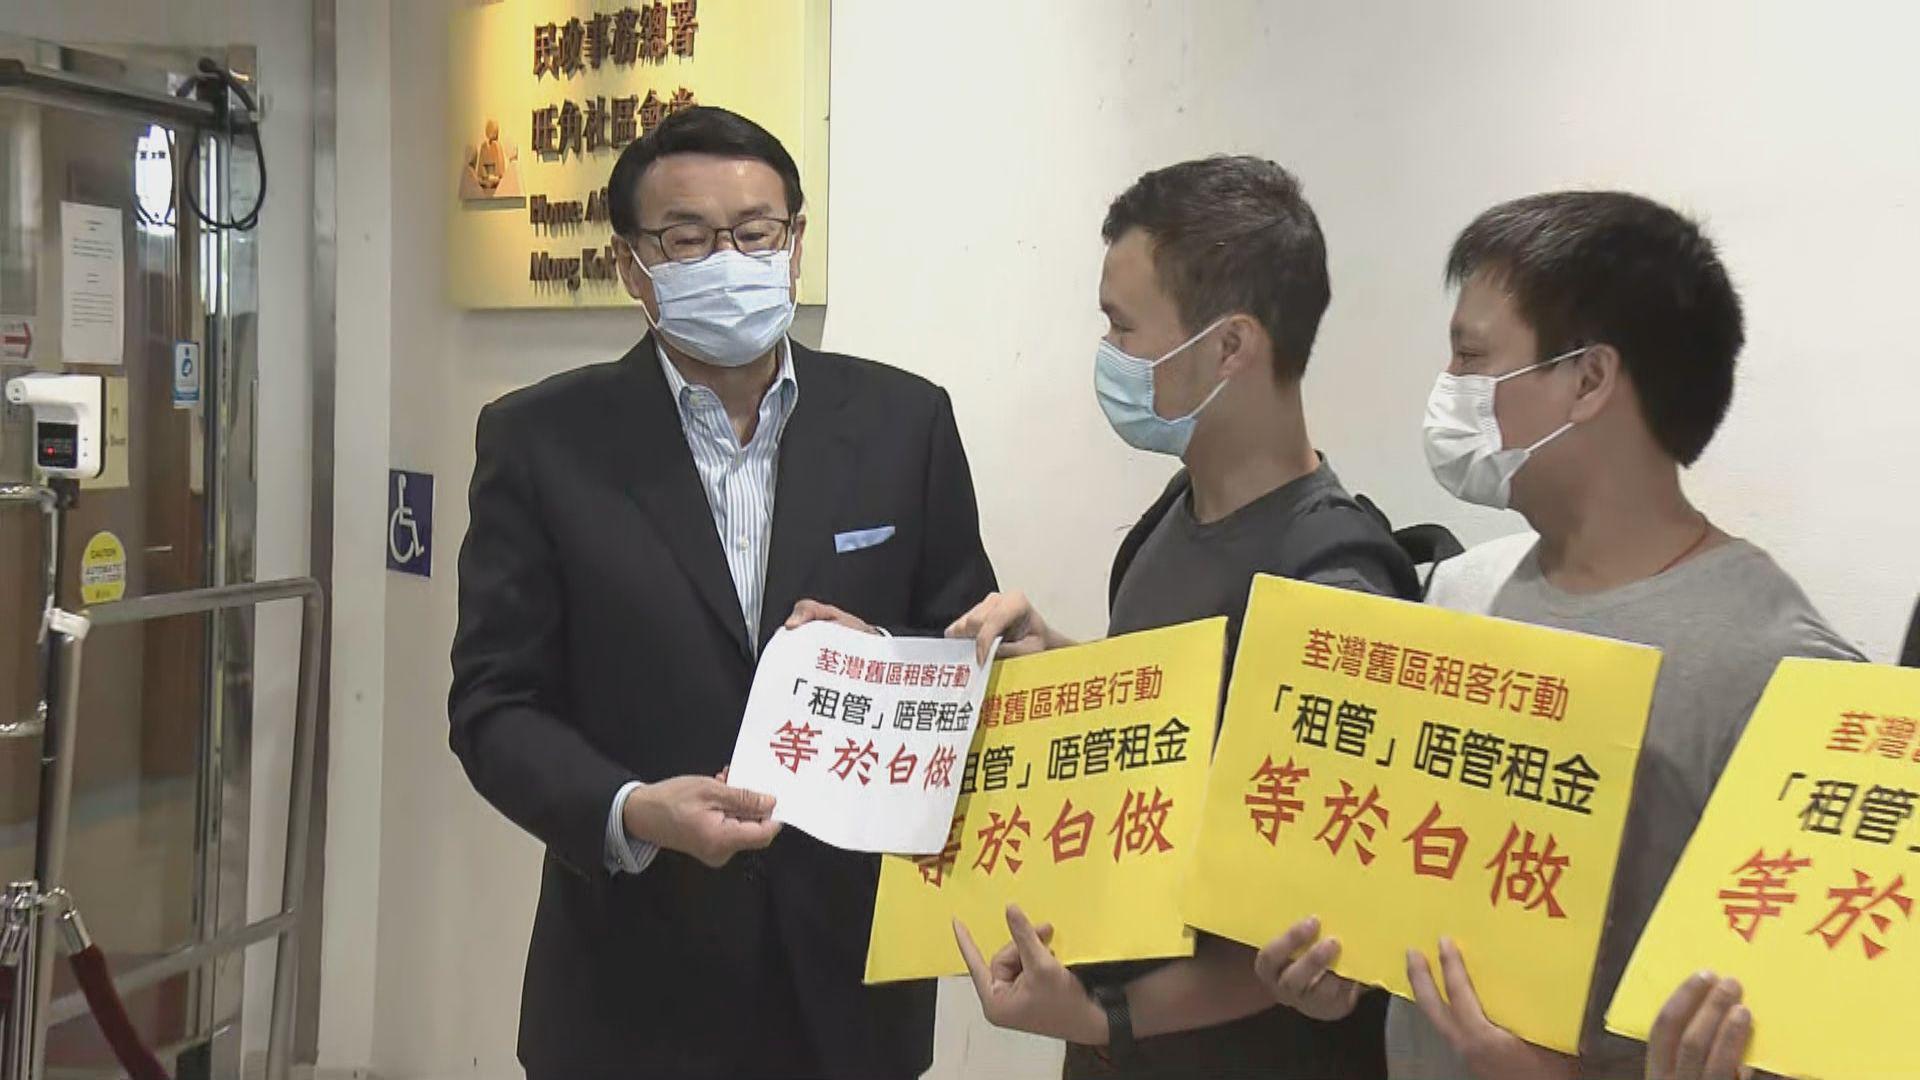 部分劏房戶要求佘慶雲退出劏房租務管制研究小組